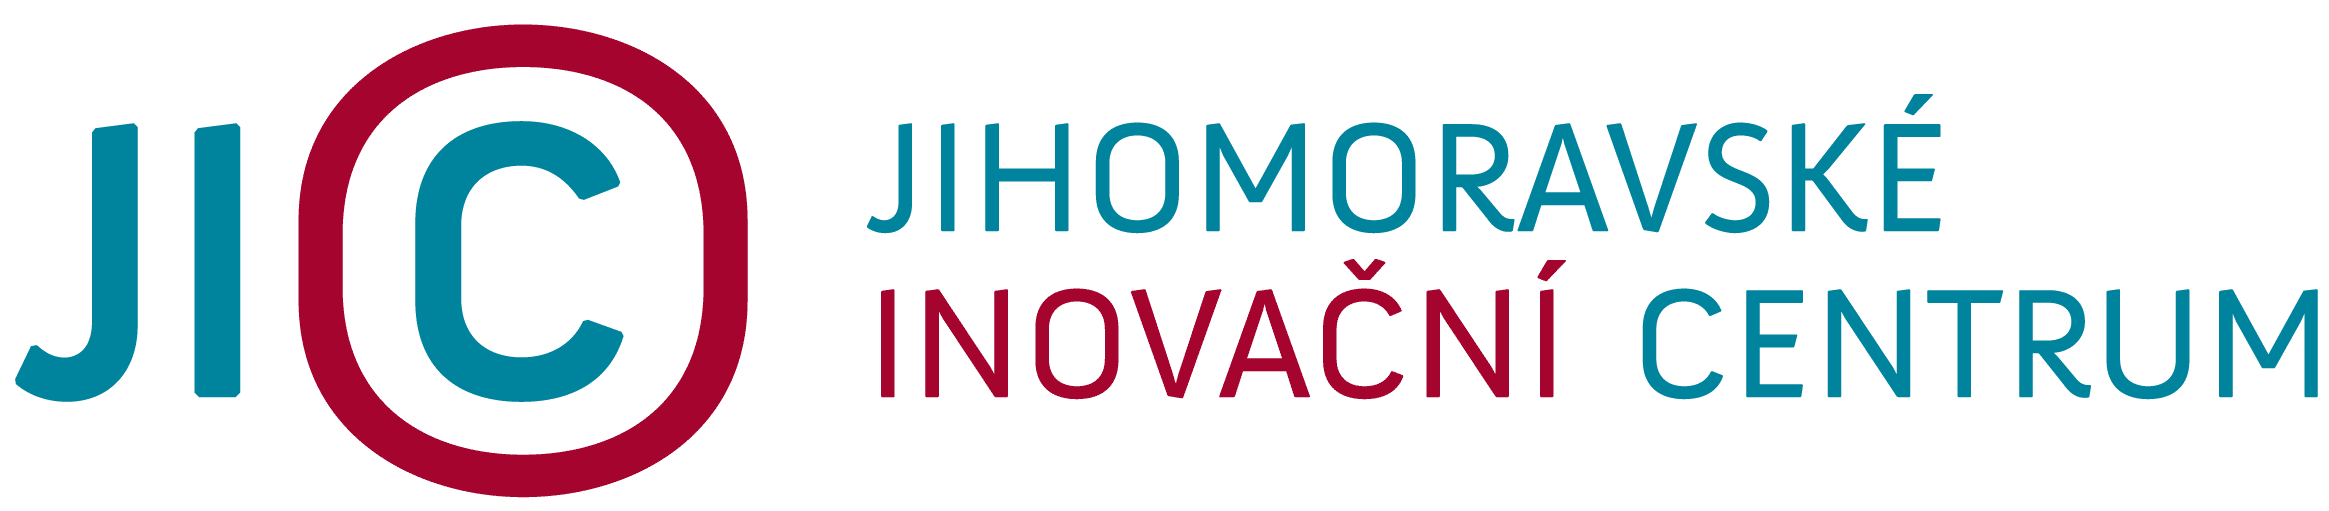 Jihomoravské inovační centrum